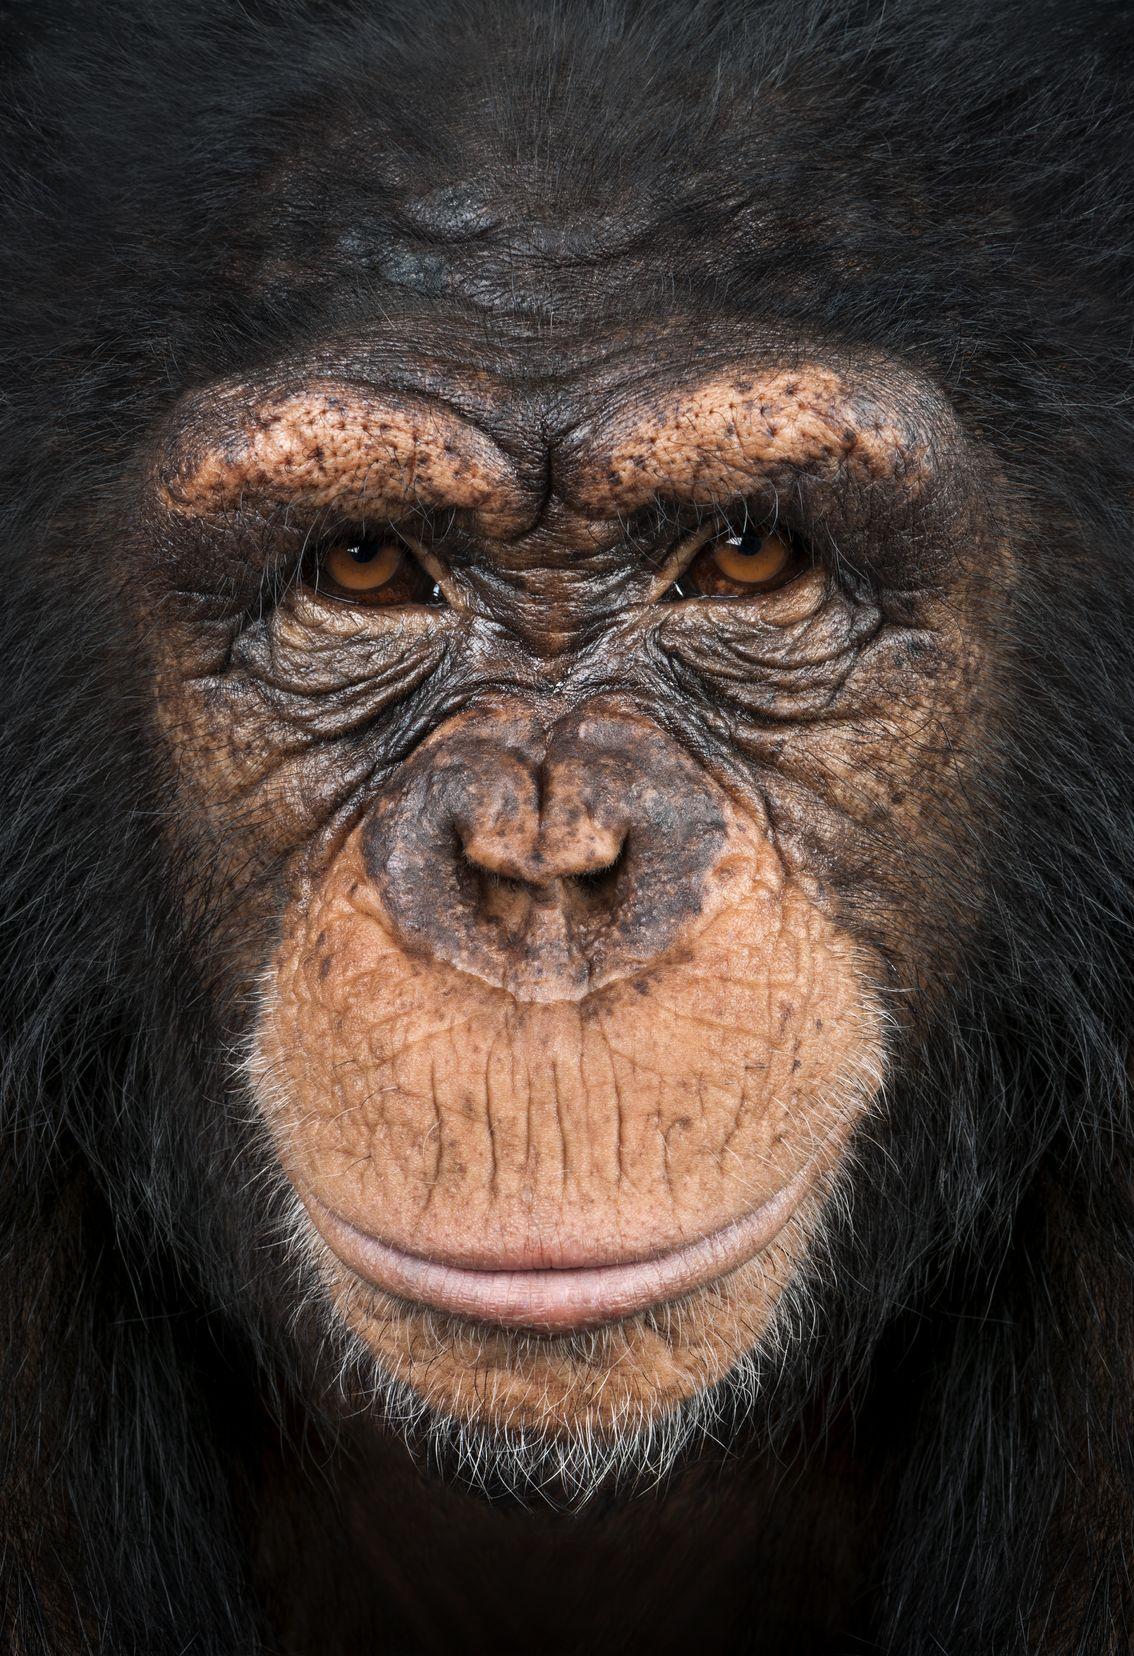 Chimp_20146738_ml.jpg